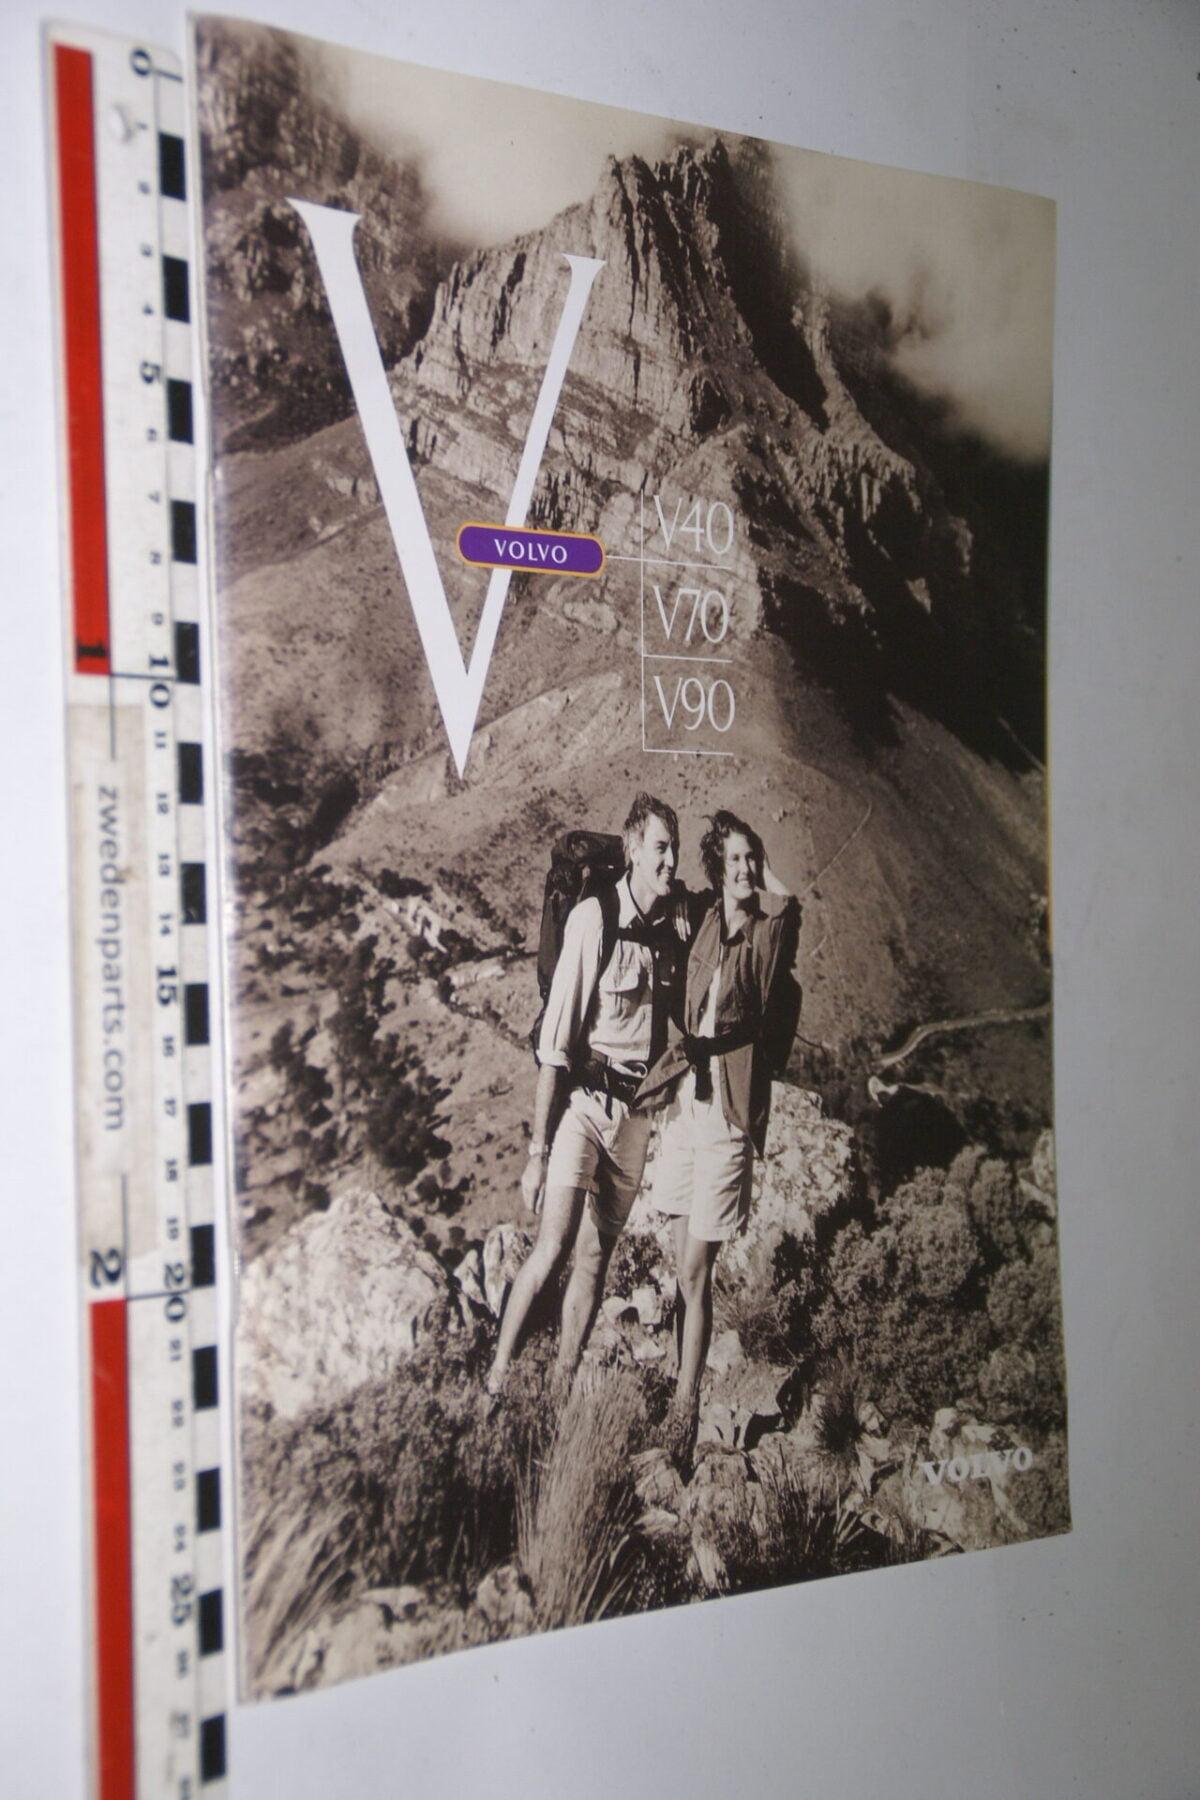 DSC04990 1997 originele brochure nr. A0197 Volvo V40 V70 V90-61bb1845